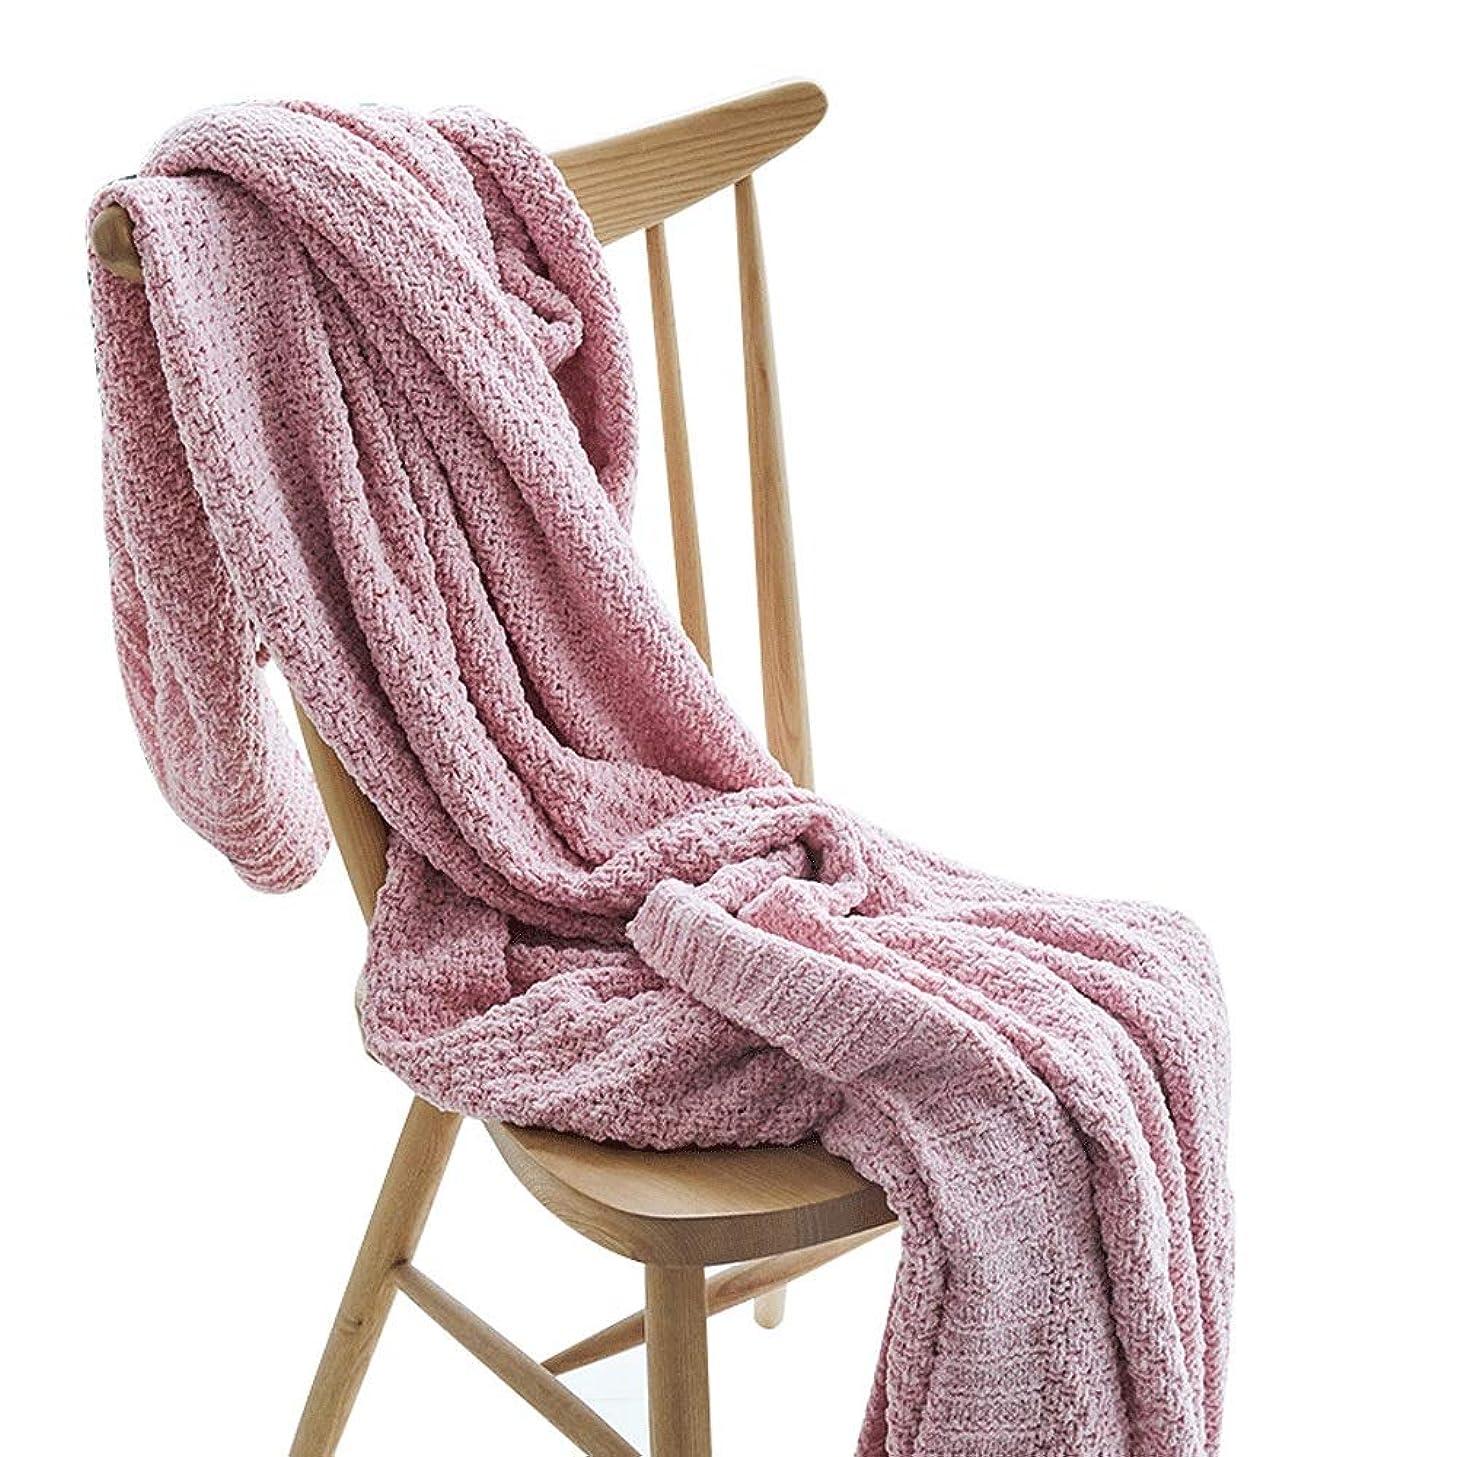 墓傑出したローズソファブランケット カジュアルニットスロー毛布多機能レジャー毛布昼寝毛布ソファ毛布 毎シーズン使用 (Color : Red, Size : 130cmx180cm)